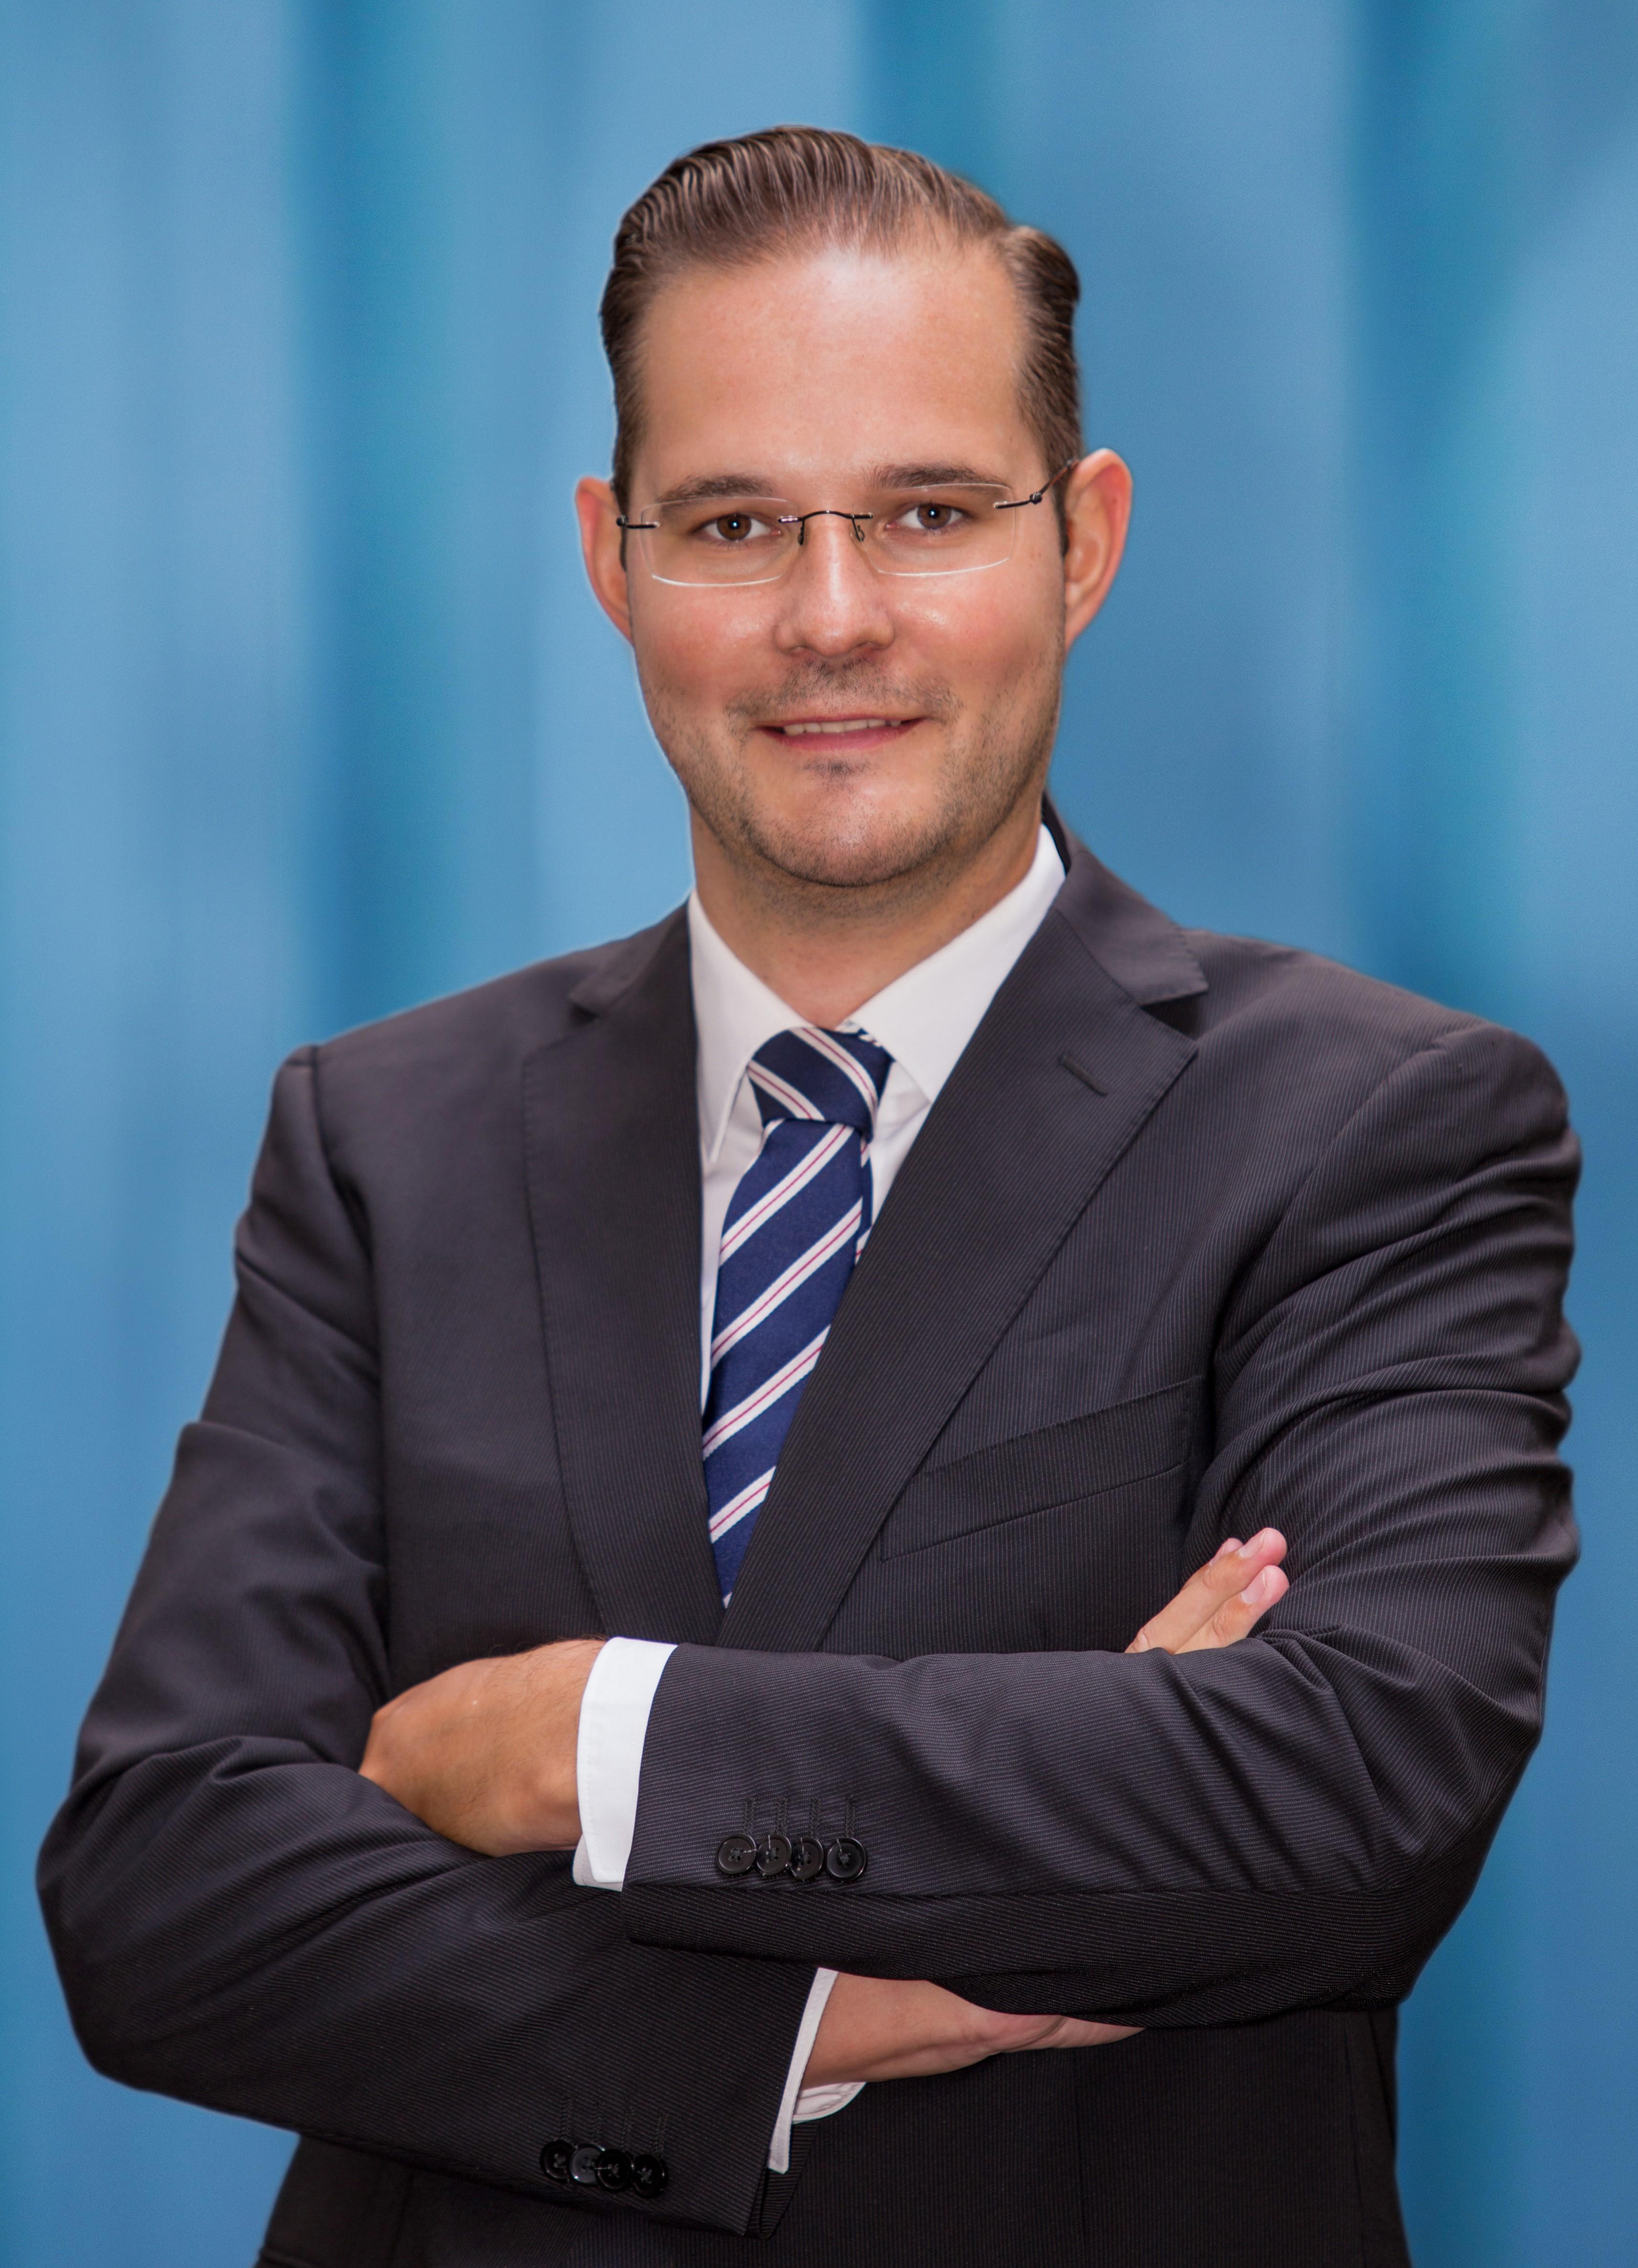 Mag. Martin Huemer